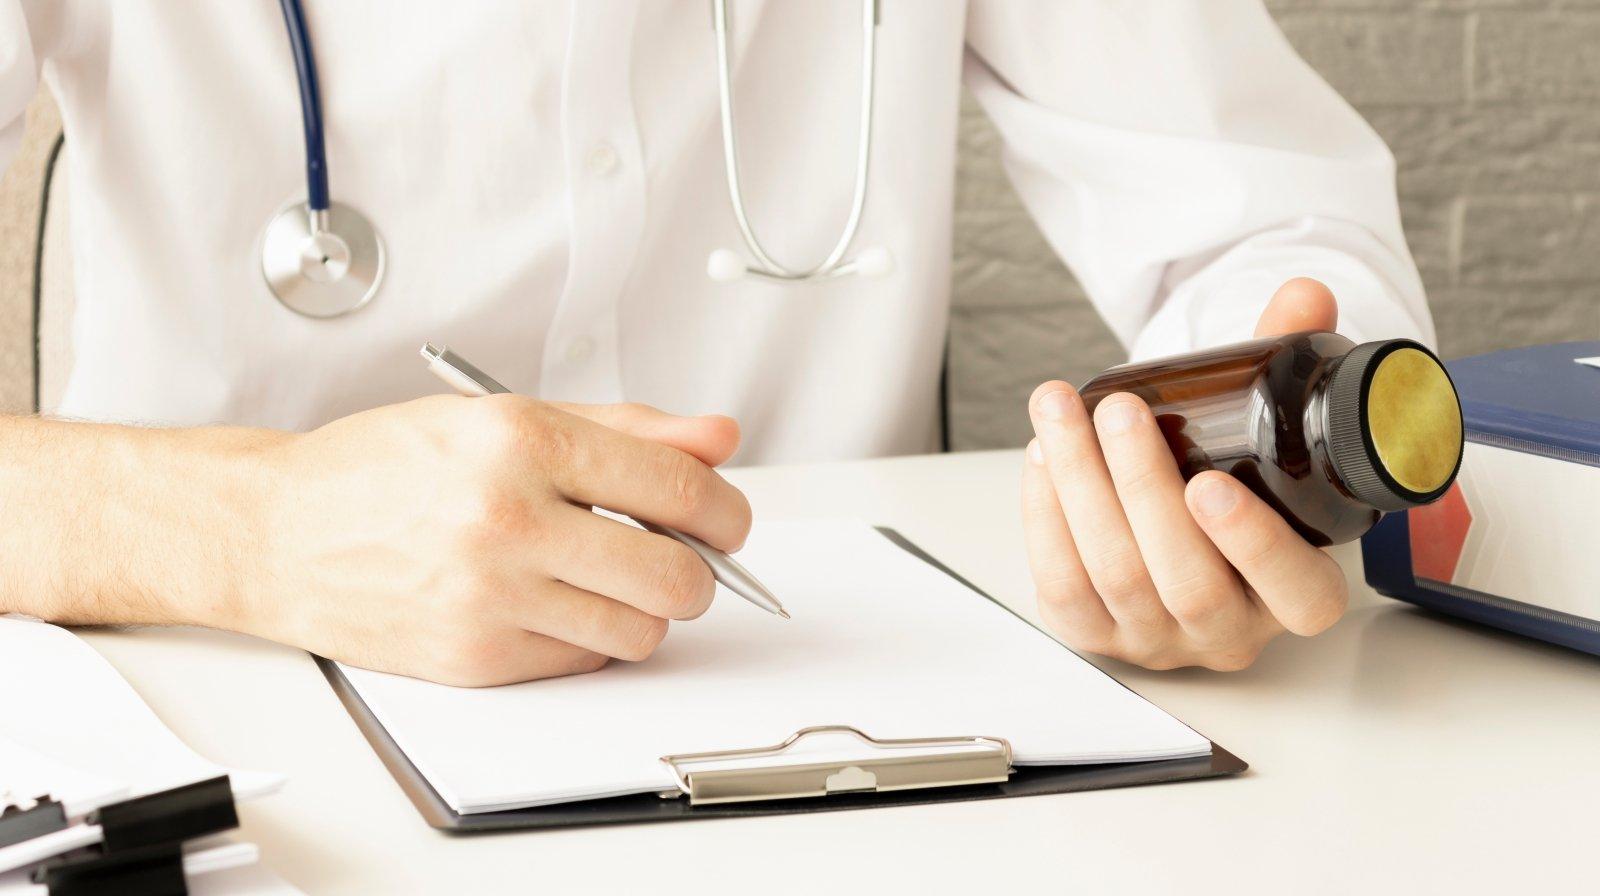 produktai gali būti naudojami hipertenzijai gydyti